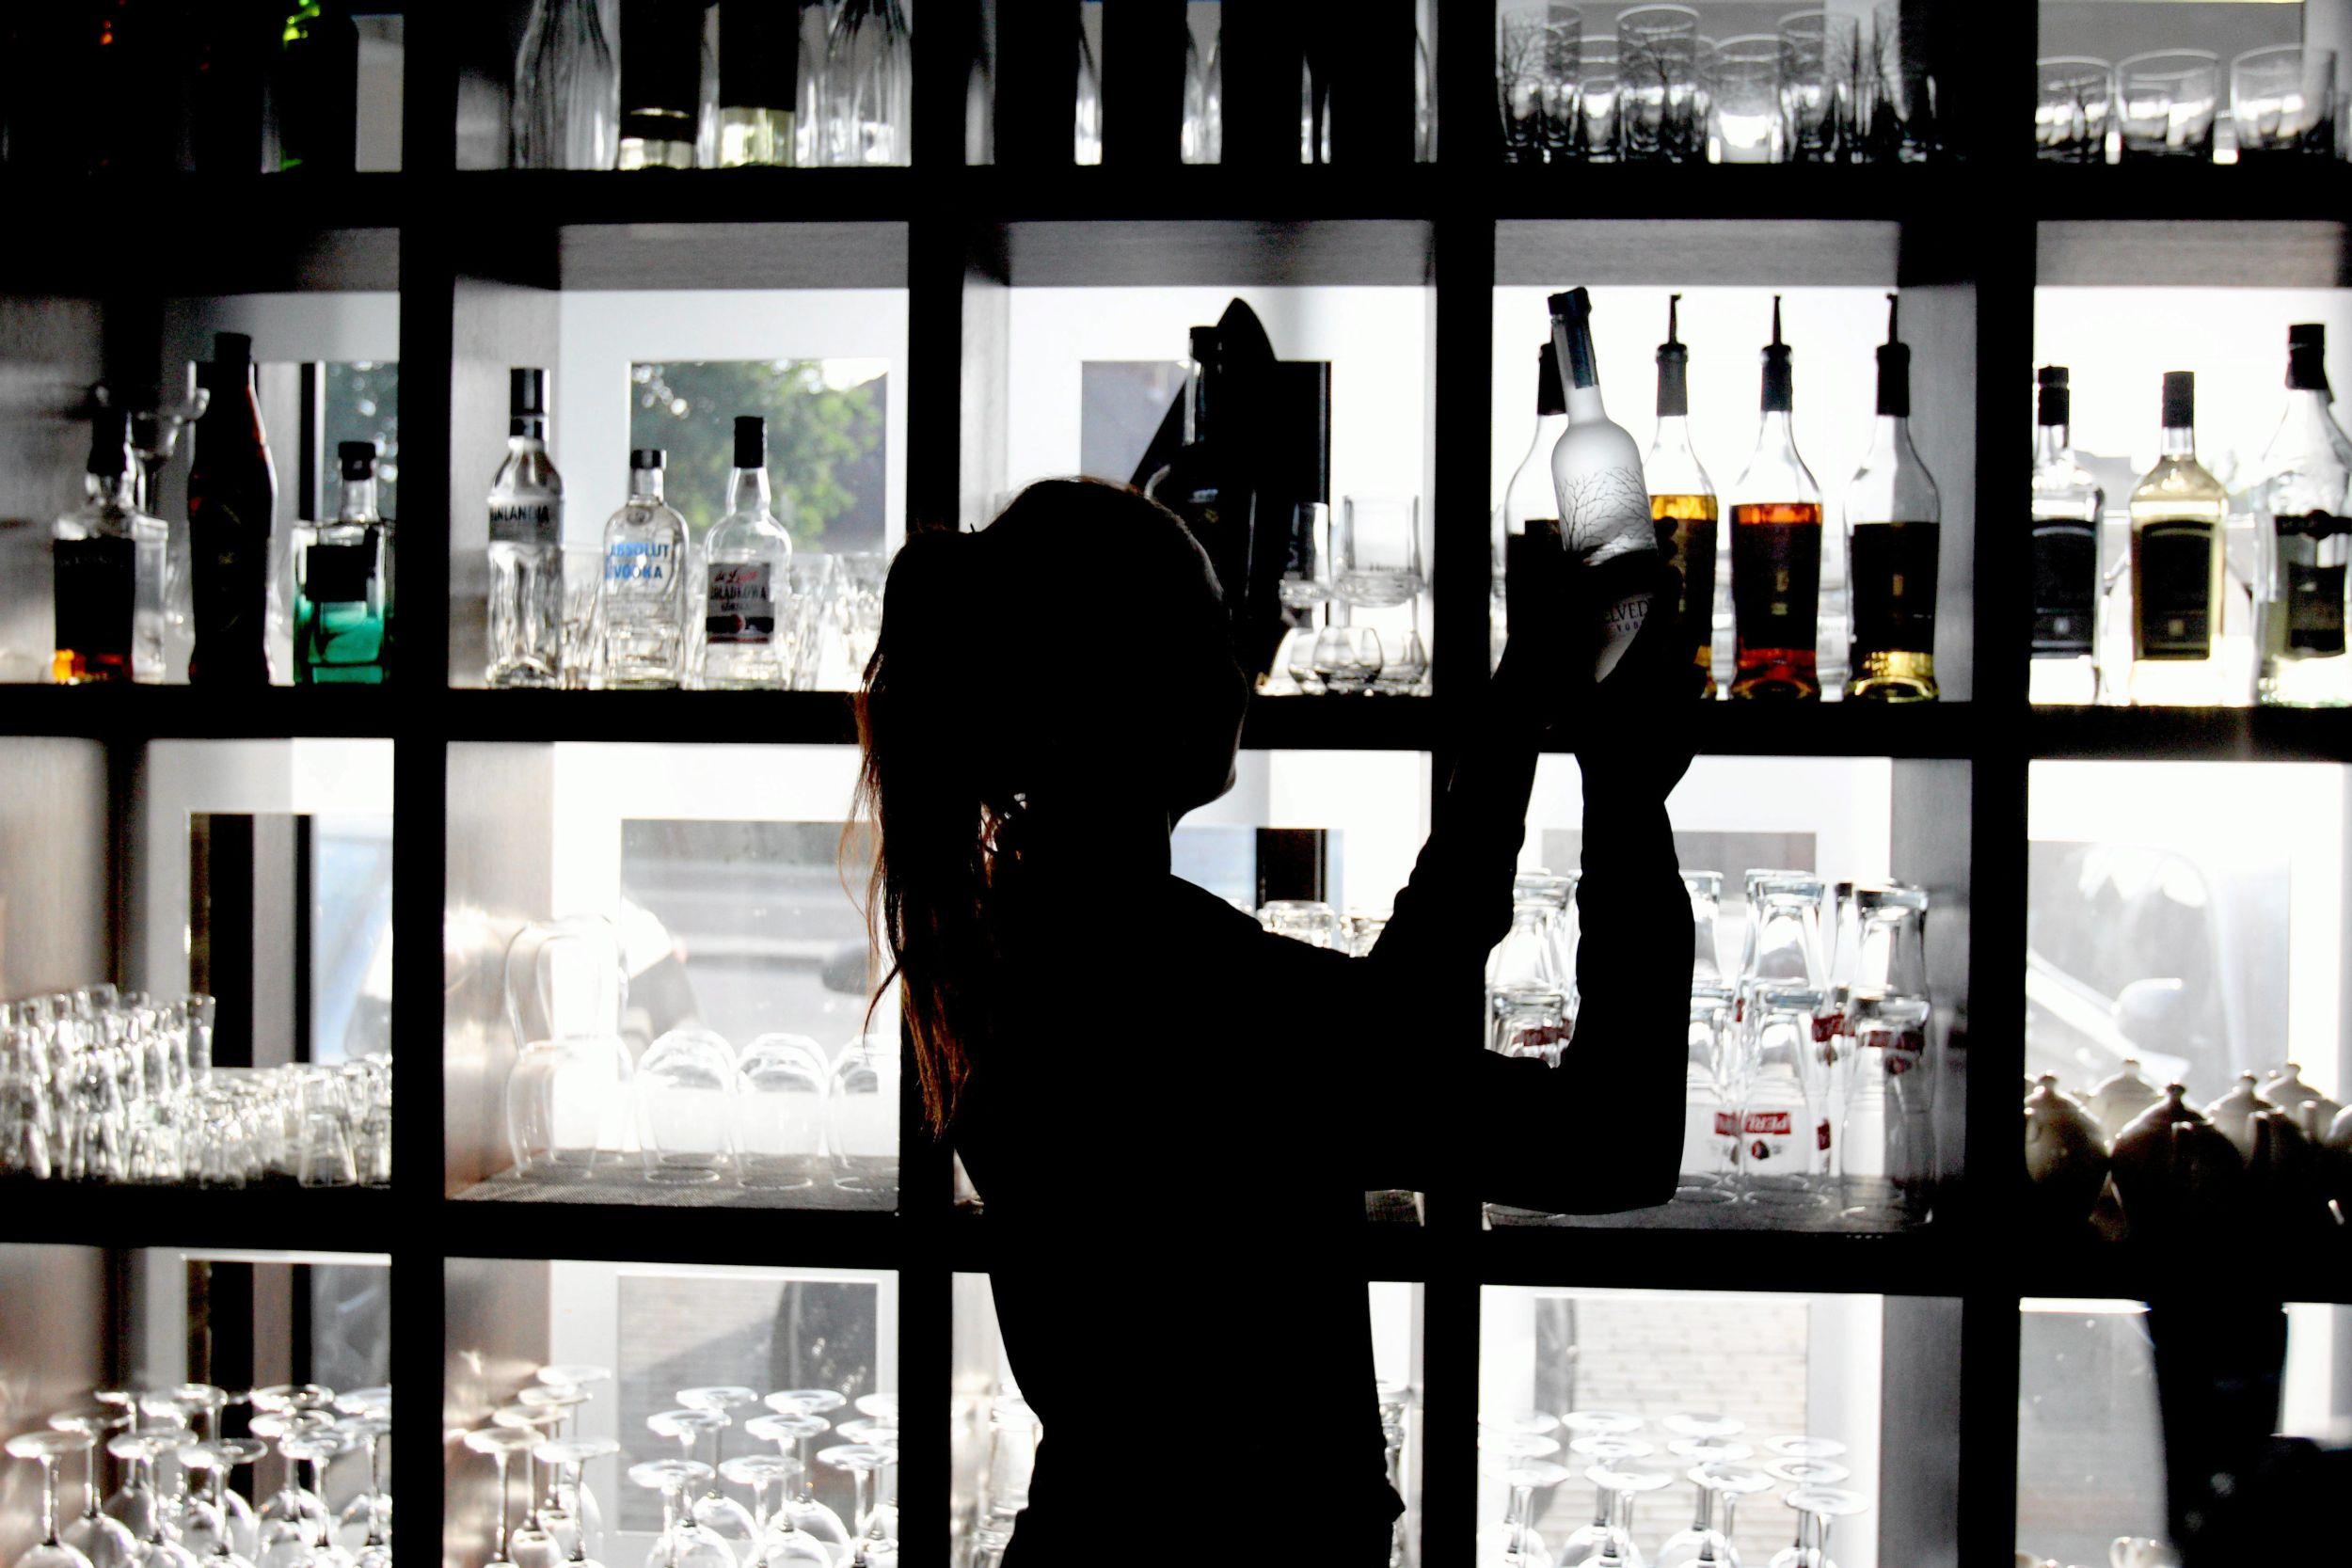 """Od stycznia 2013 roku zostało wprowadzone oznaczenie """"Polska Wódka/Polish Vodka"""", które ma być gwarantem wódczanej """"tożsamości narodowej"""" (fot. Jakub Orzechowski / Agencja Gazeta)"""